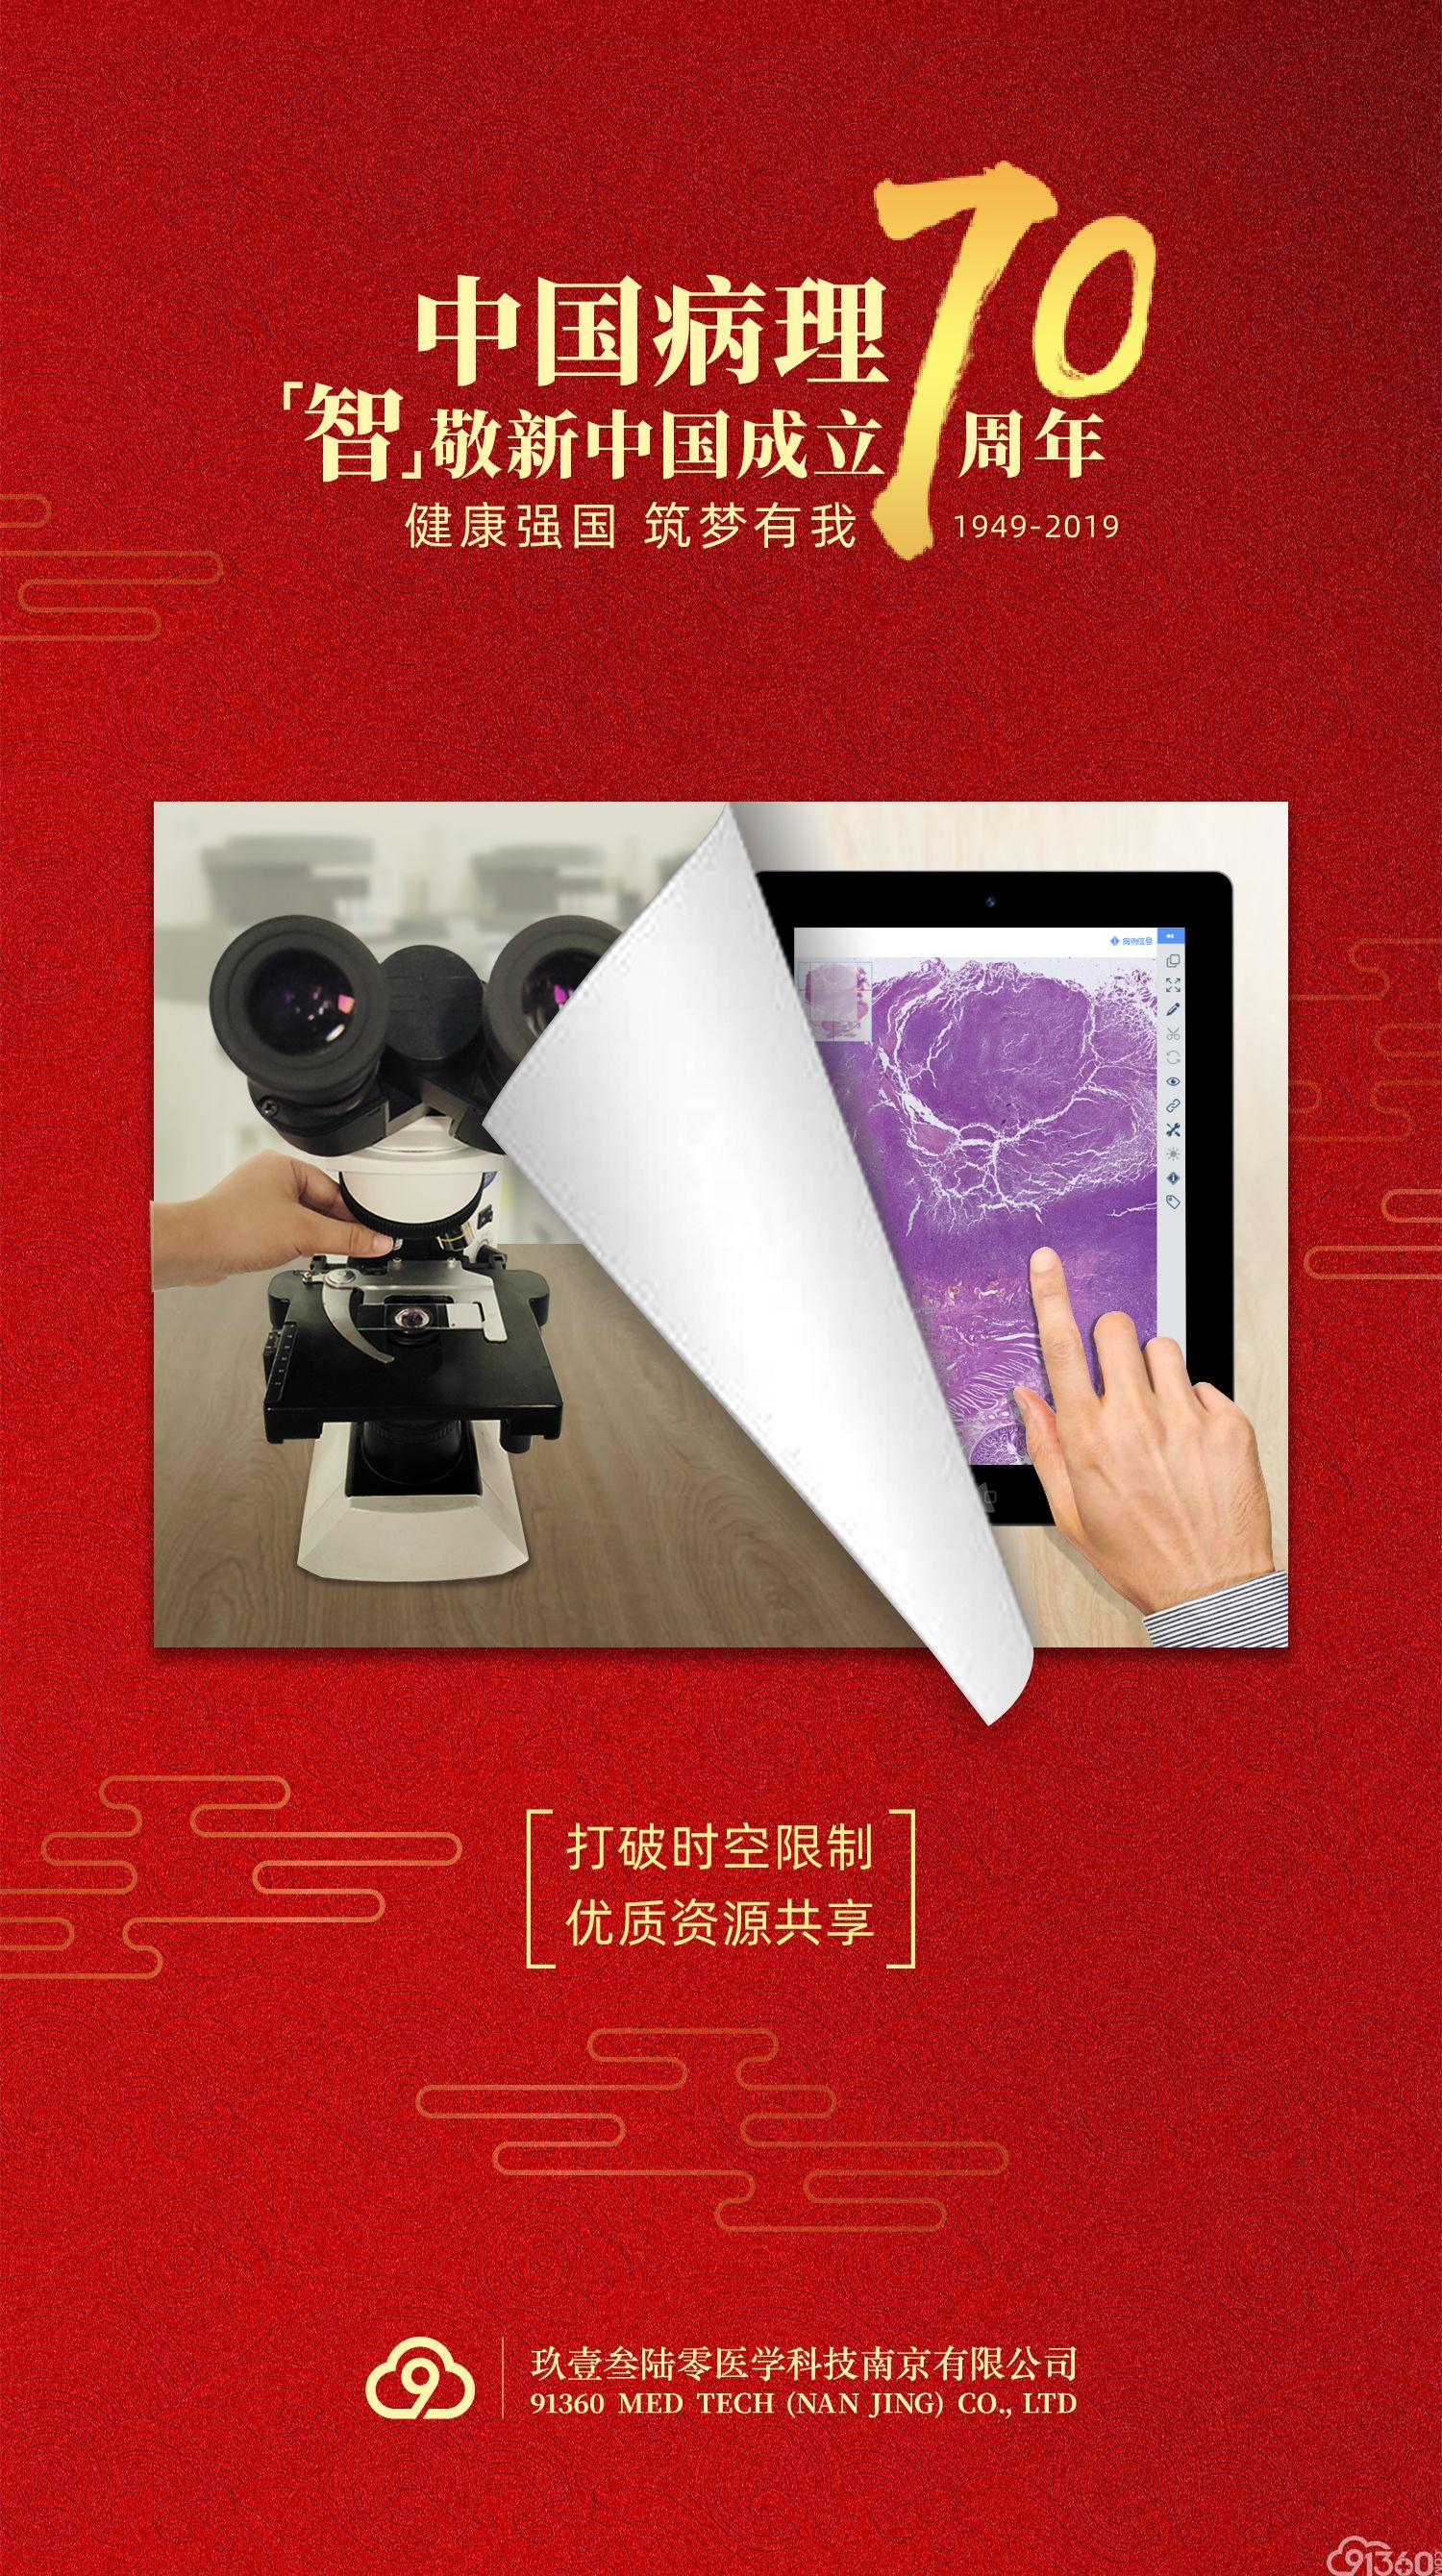 健康强国 筑梦有我 ——91360热烈庆祝新中国成立70周年